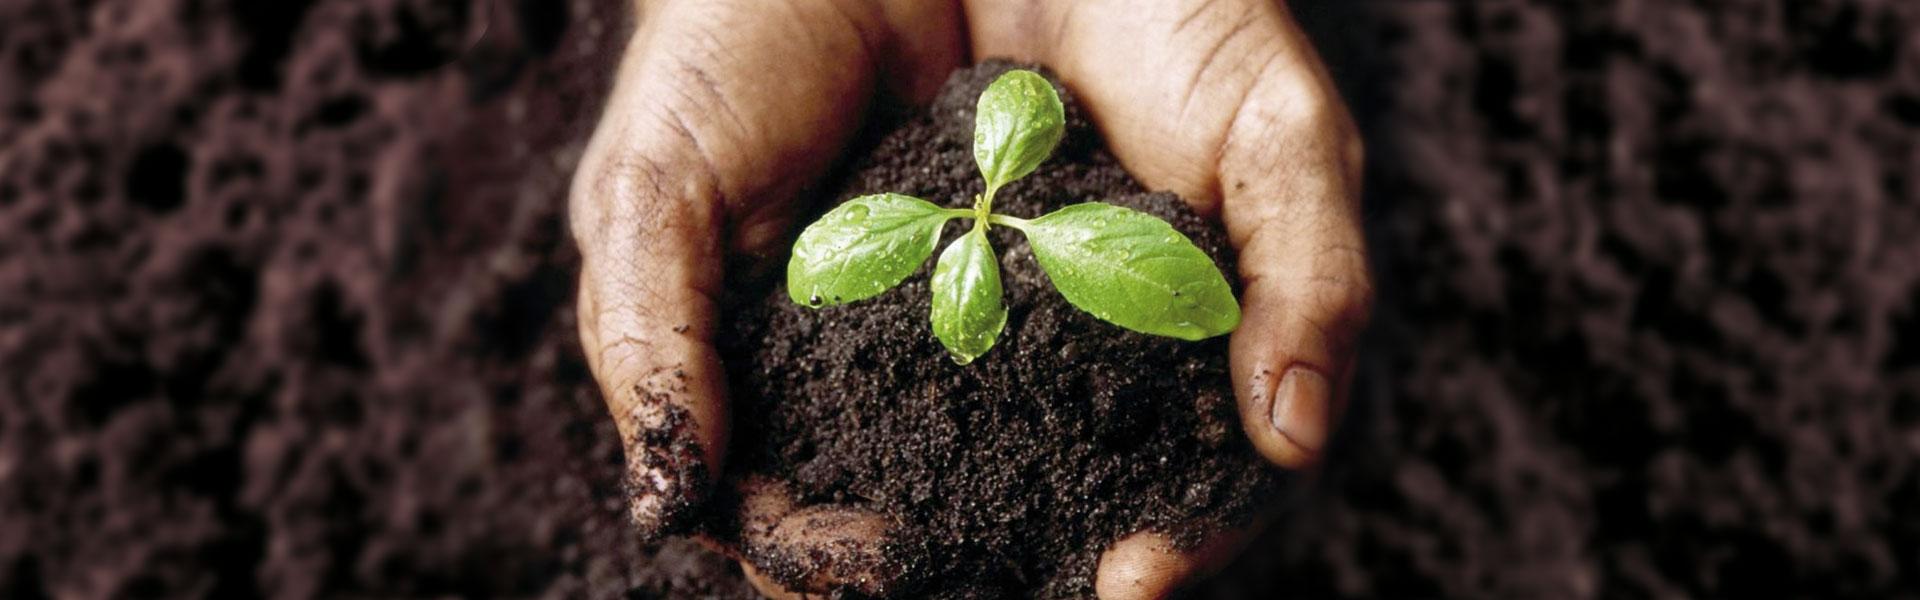 nutrimento compost